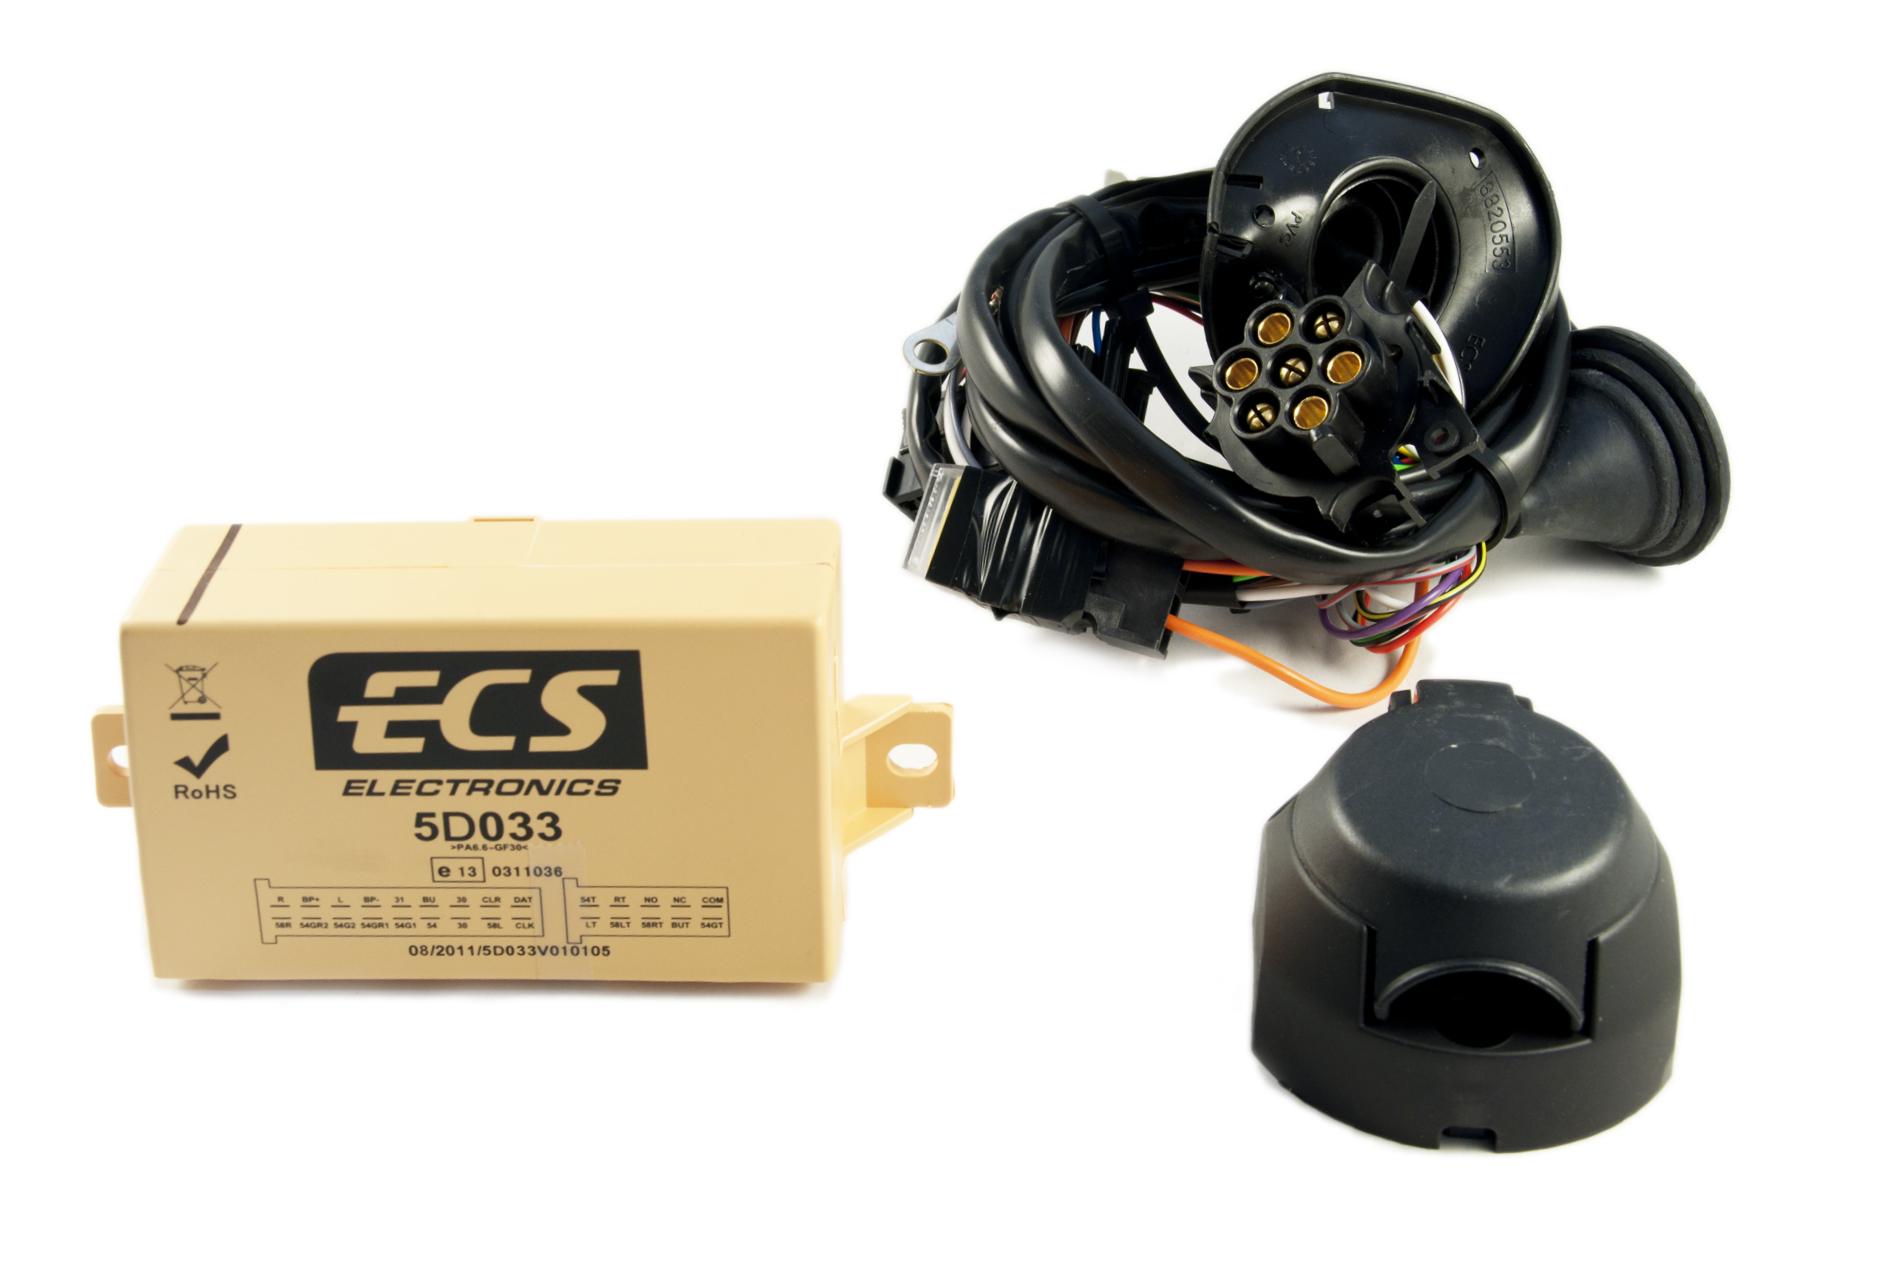 Nissan Genuine 7 Pin Towbar Hitch Trailer Towing Electric Wiring Kit Ke505jg207